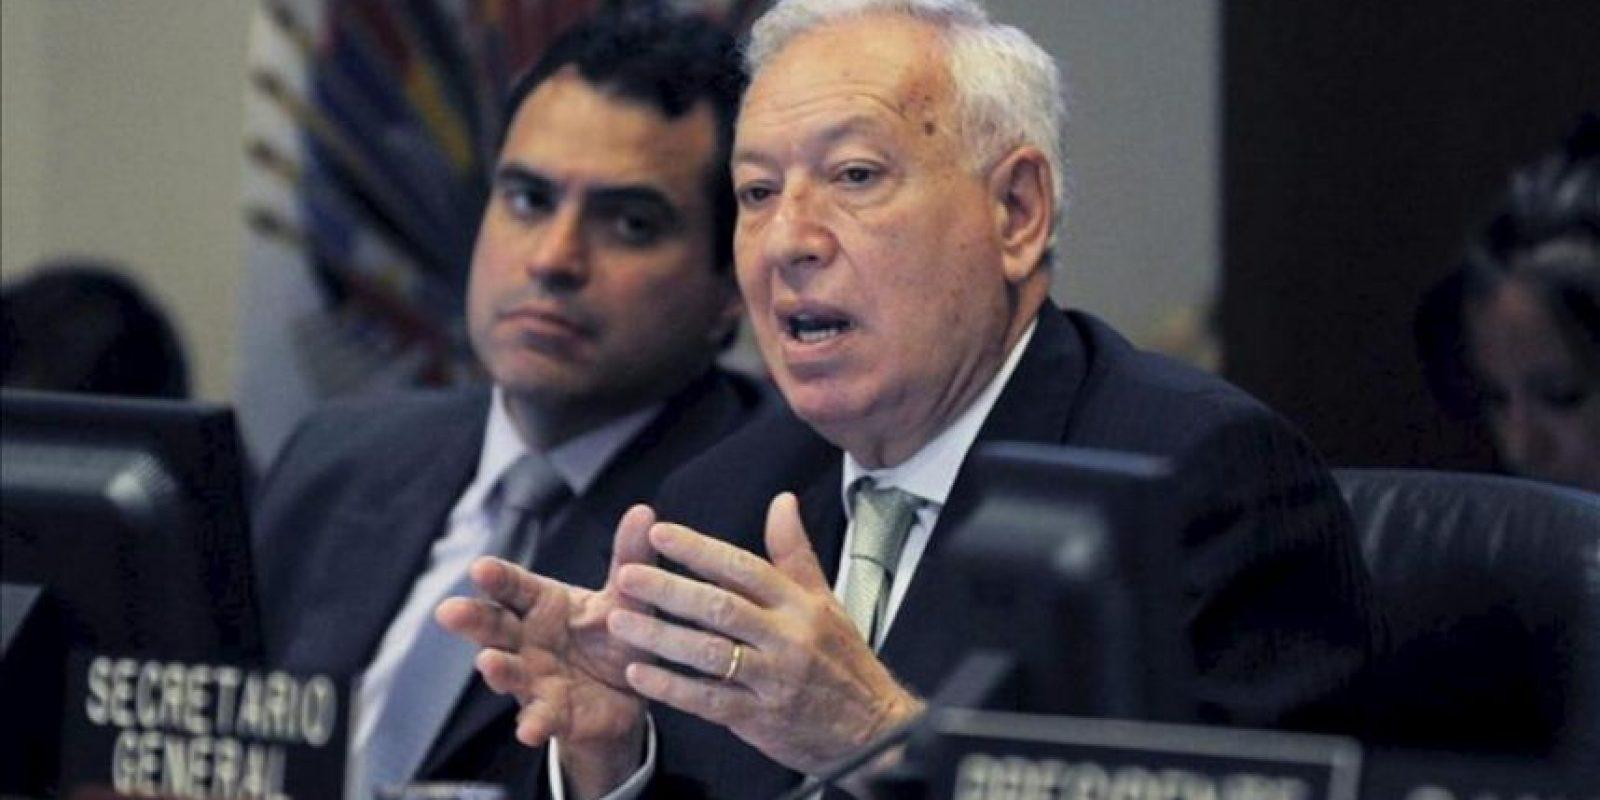 El ministro español de Asuntos Exteriores, José Manuel García-Margallo (d), durante su intervención hoy en una sesión ordinaria del Consejo Permanente de la Organización de Estados Americanos, tras la reunión que ha mantenido hoy con el titular del organismo, José Miguel Insulza, en la sede de la OEA, en Washington. EFE